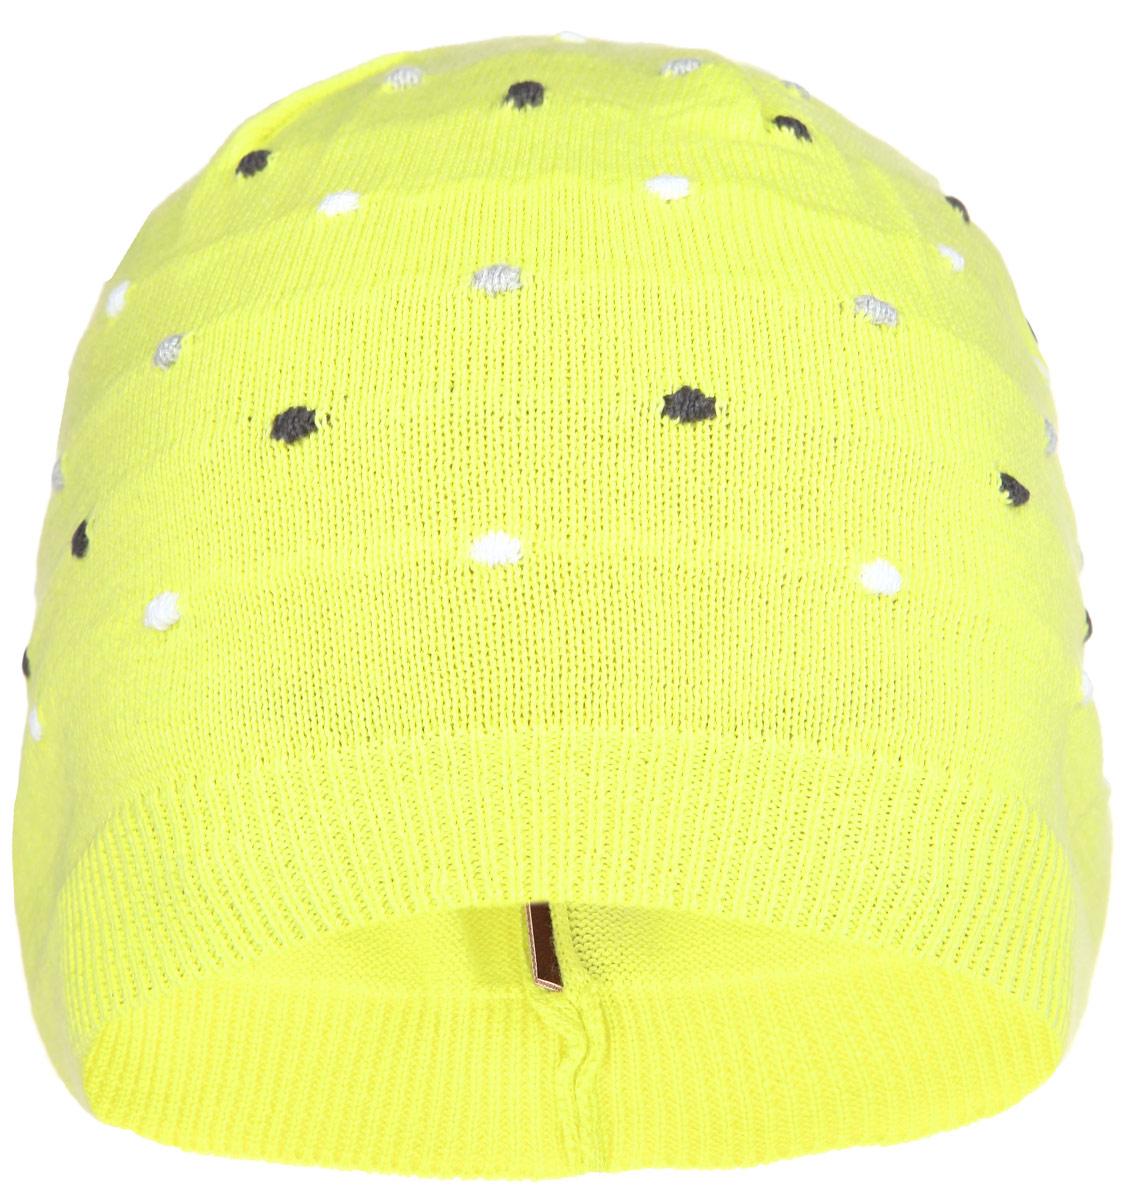 Шапка детская Bilberry. 528461528461_2310Комфортная детская шапка Reima Bilberry идеально подойдет для прогулок в прохладное время года и защитит вашего ребенка от ветра. Шапочка изготовлена из мягкой хлопковой пряжи. Модель оформлена контрастными вязаными горошинами. Понизу изделие связано мелкой резинкой. В такой шапке ваш ребенок будет чувствовать себя уютно и комфортно и всегда будет в центре внимания! Уважаемые клиенты! Размер, доступный для заказа, является обхватом головы ребенка.